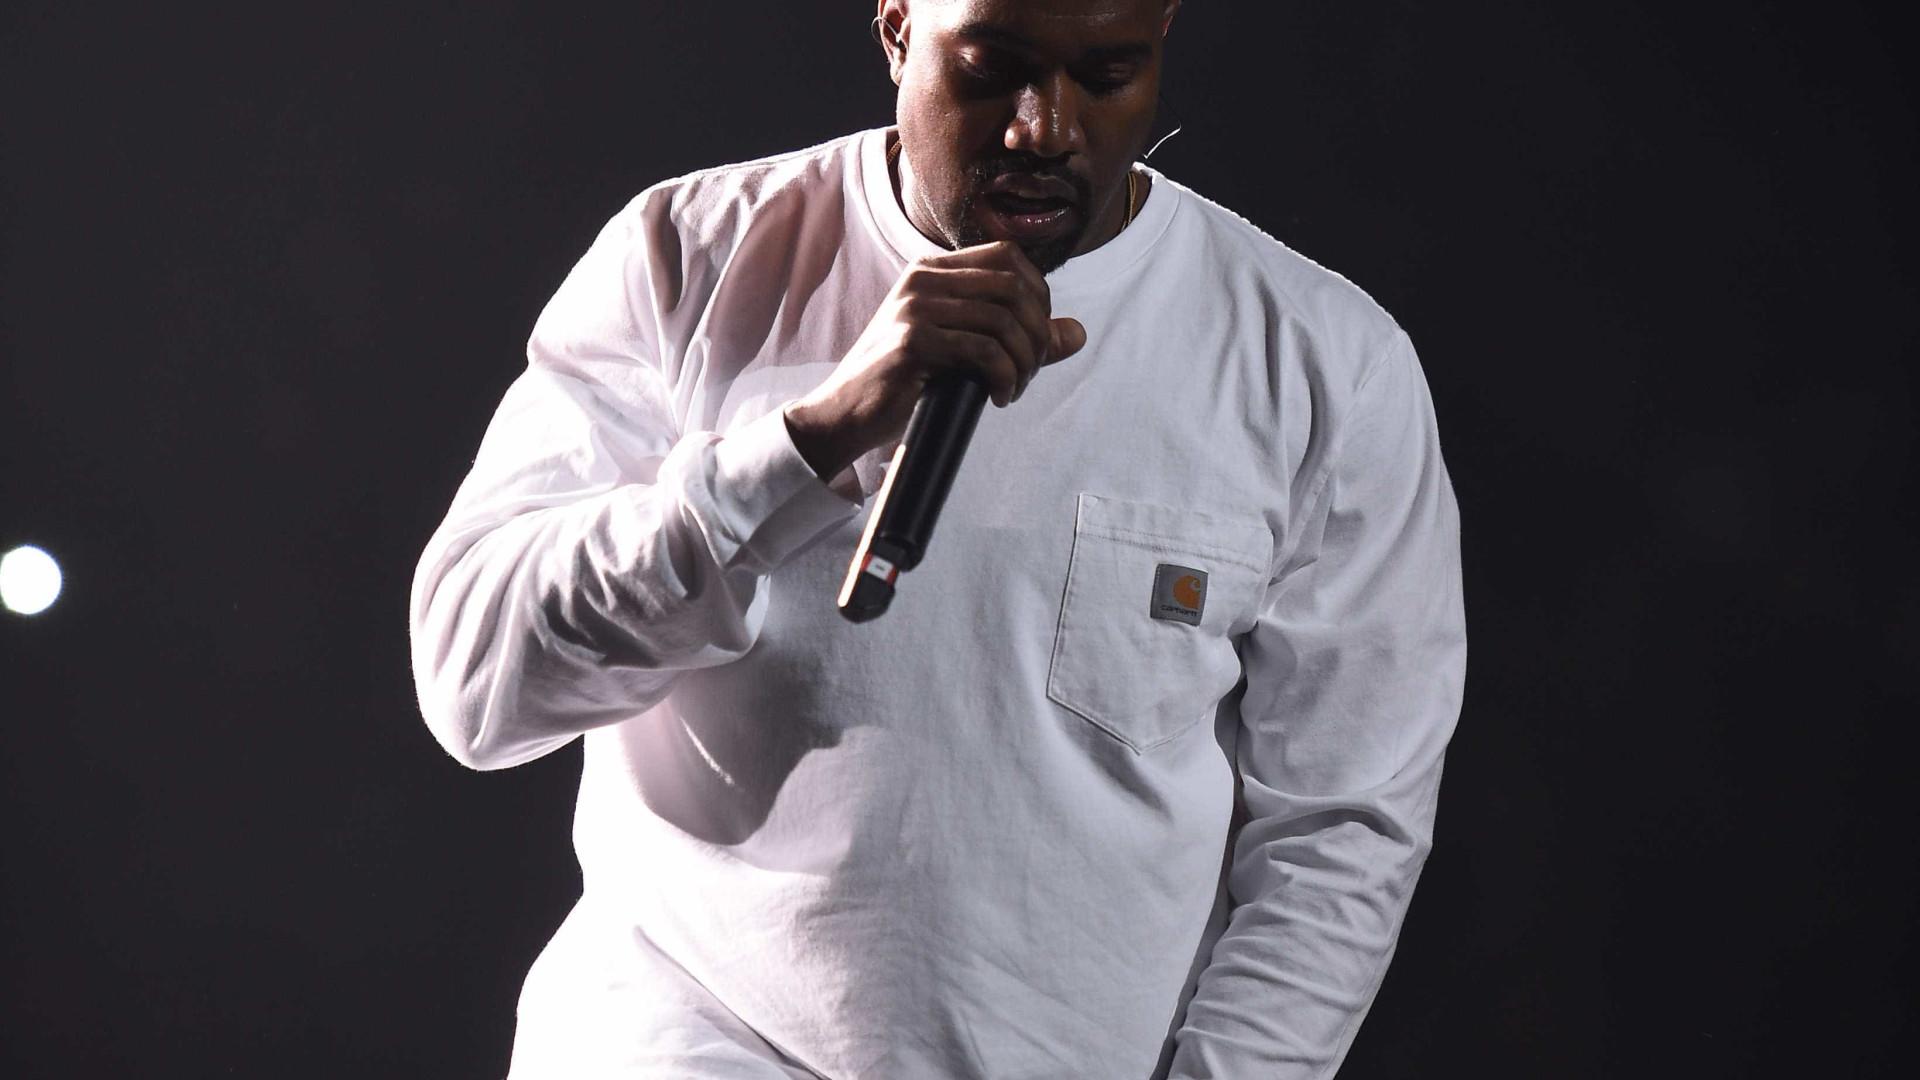 Aniversário da morte da mãe agravou o estado de saúde de Kanye West